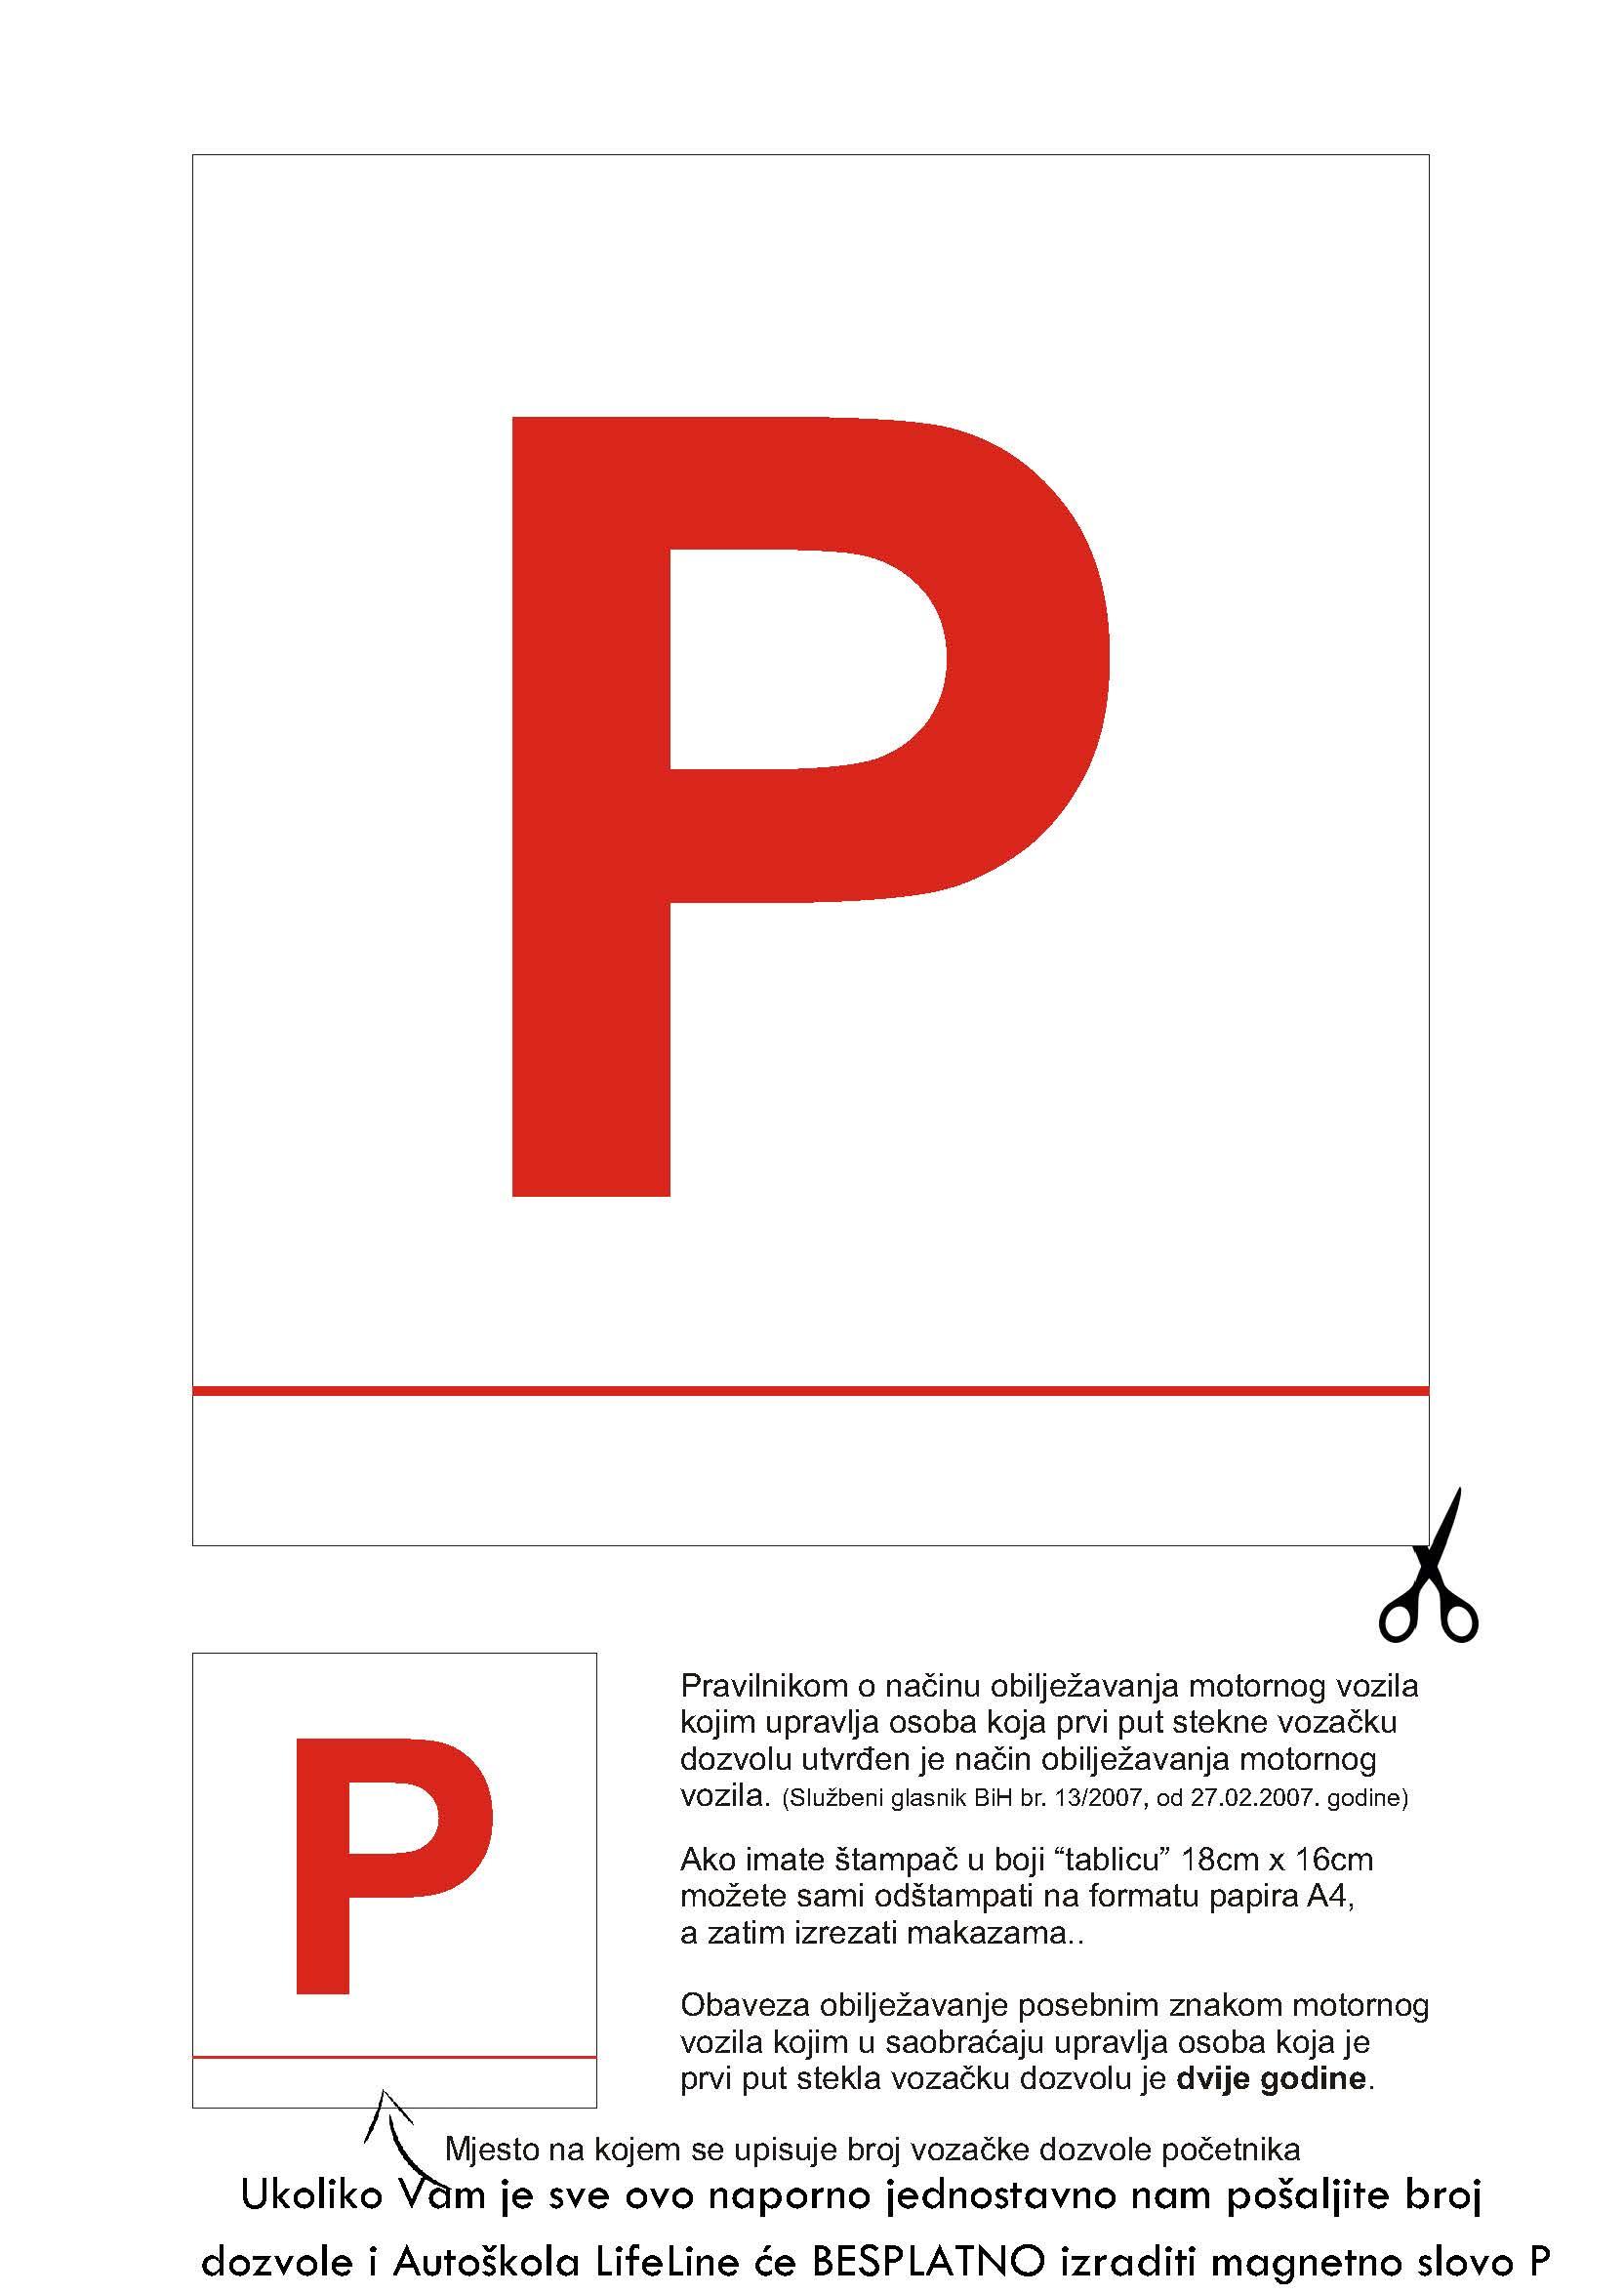 P_tablica -magnetno p